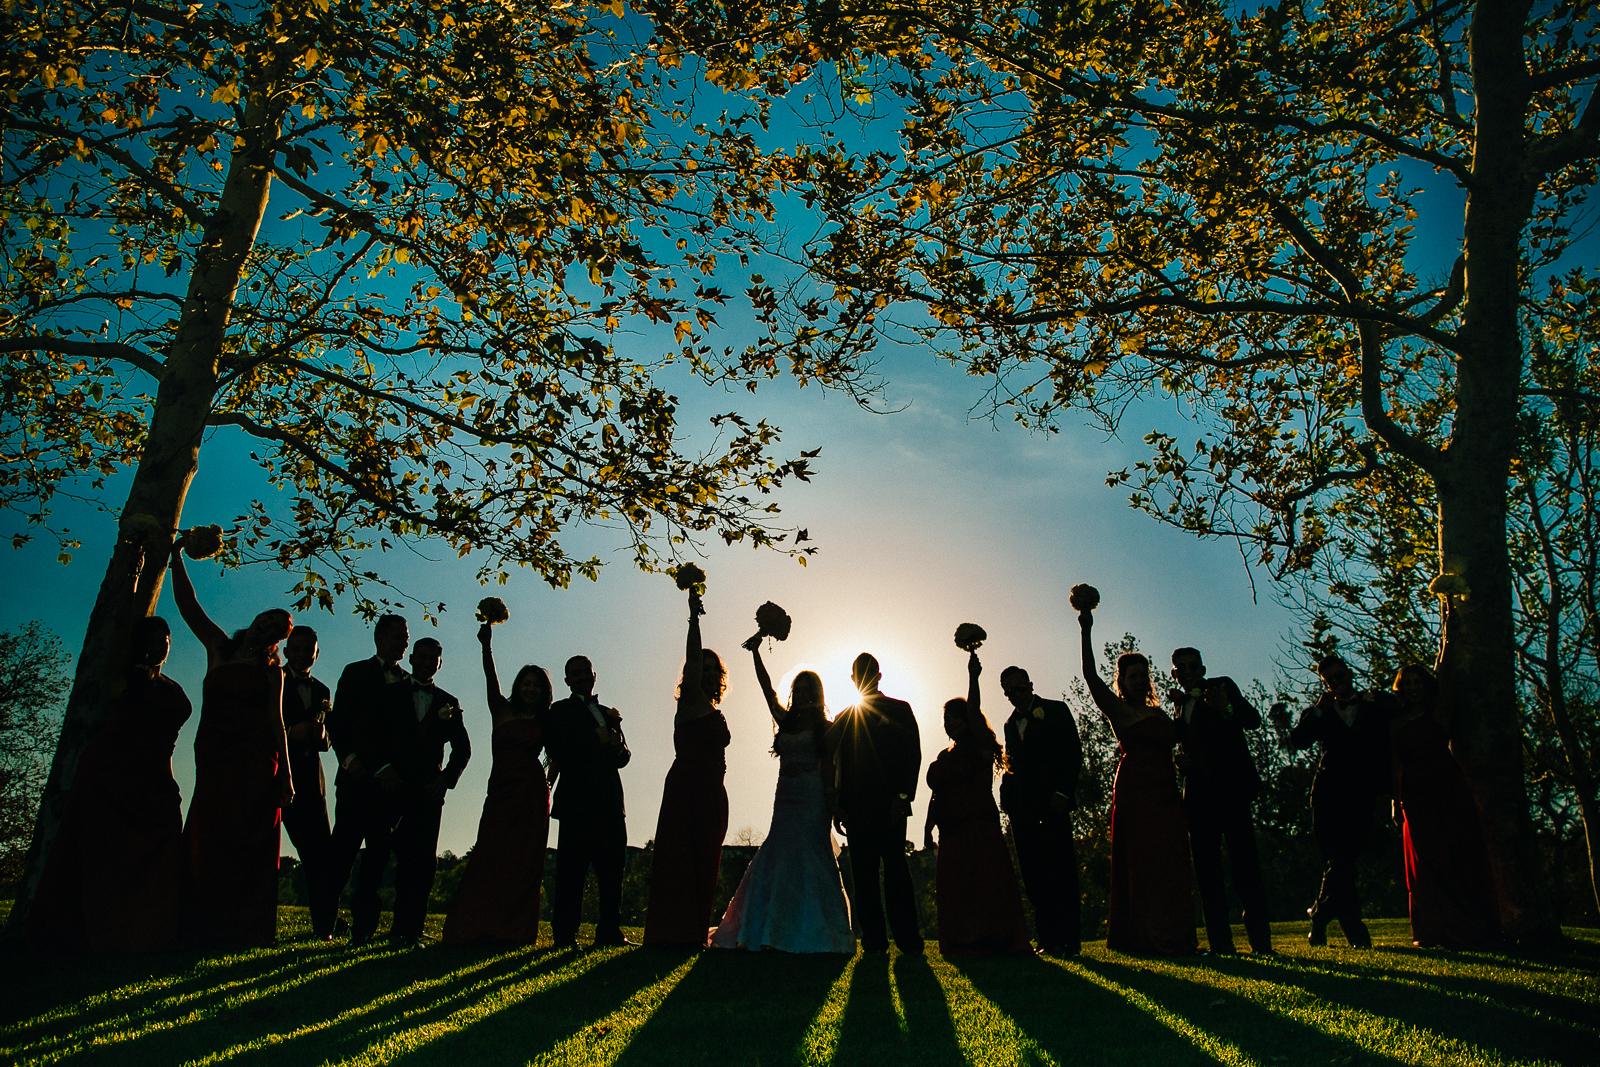 STACIE_&_JESUS_WEDDING_WEDGEWOOD_FALLBROOK_2015_2015_IMG_4570.JPG